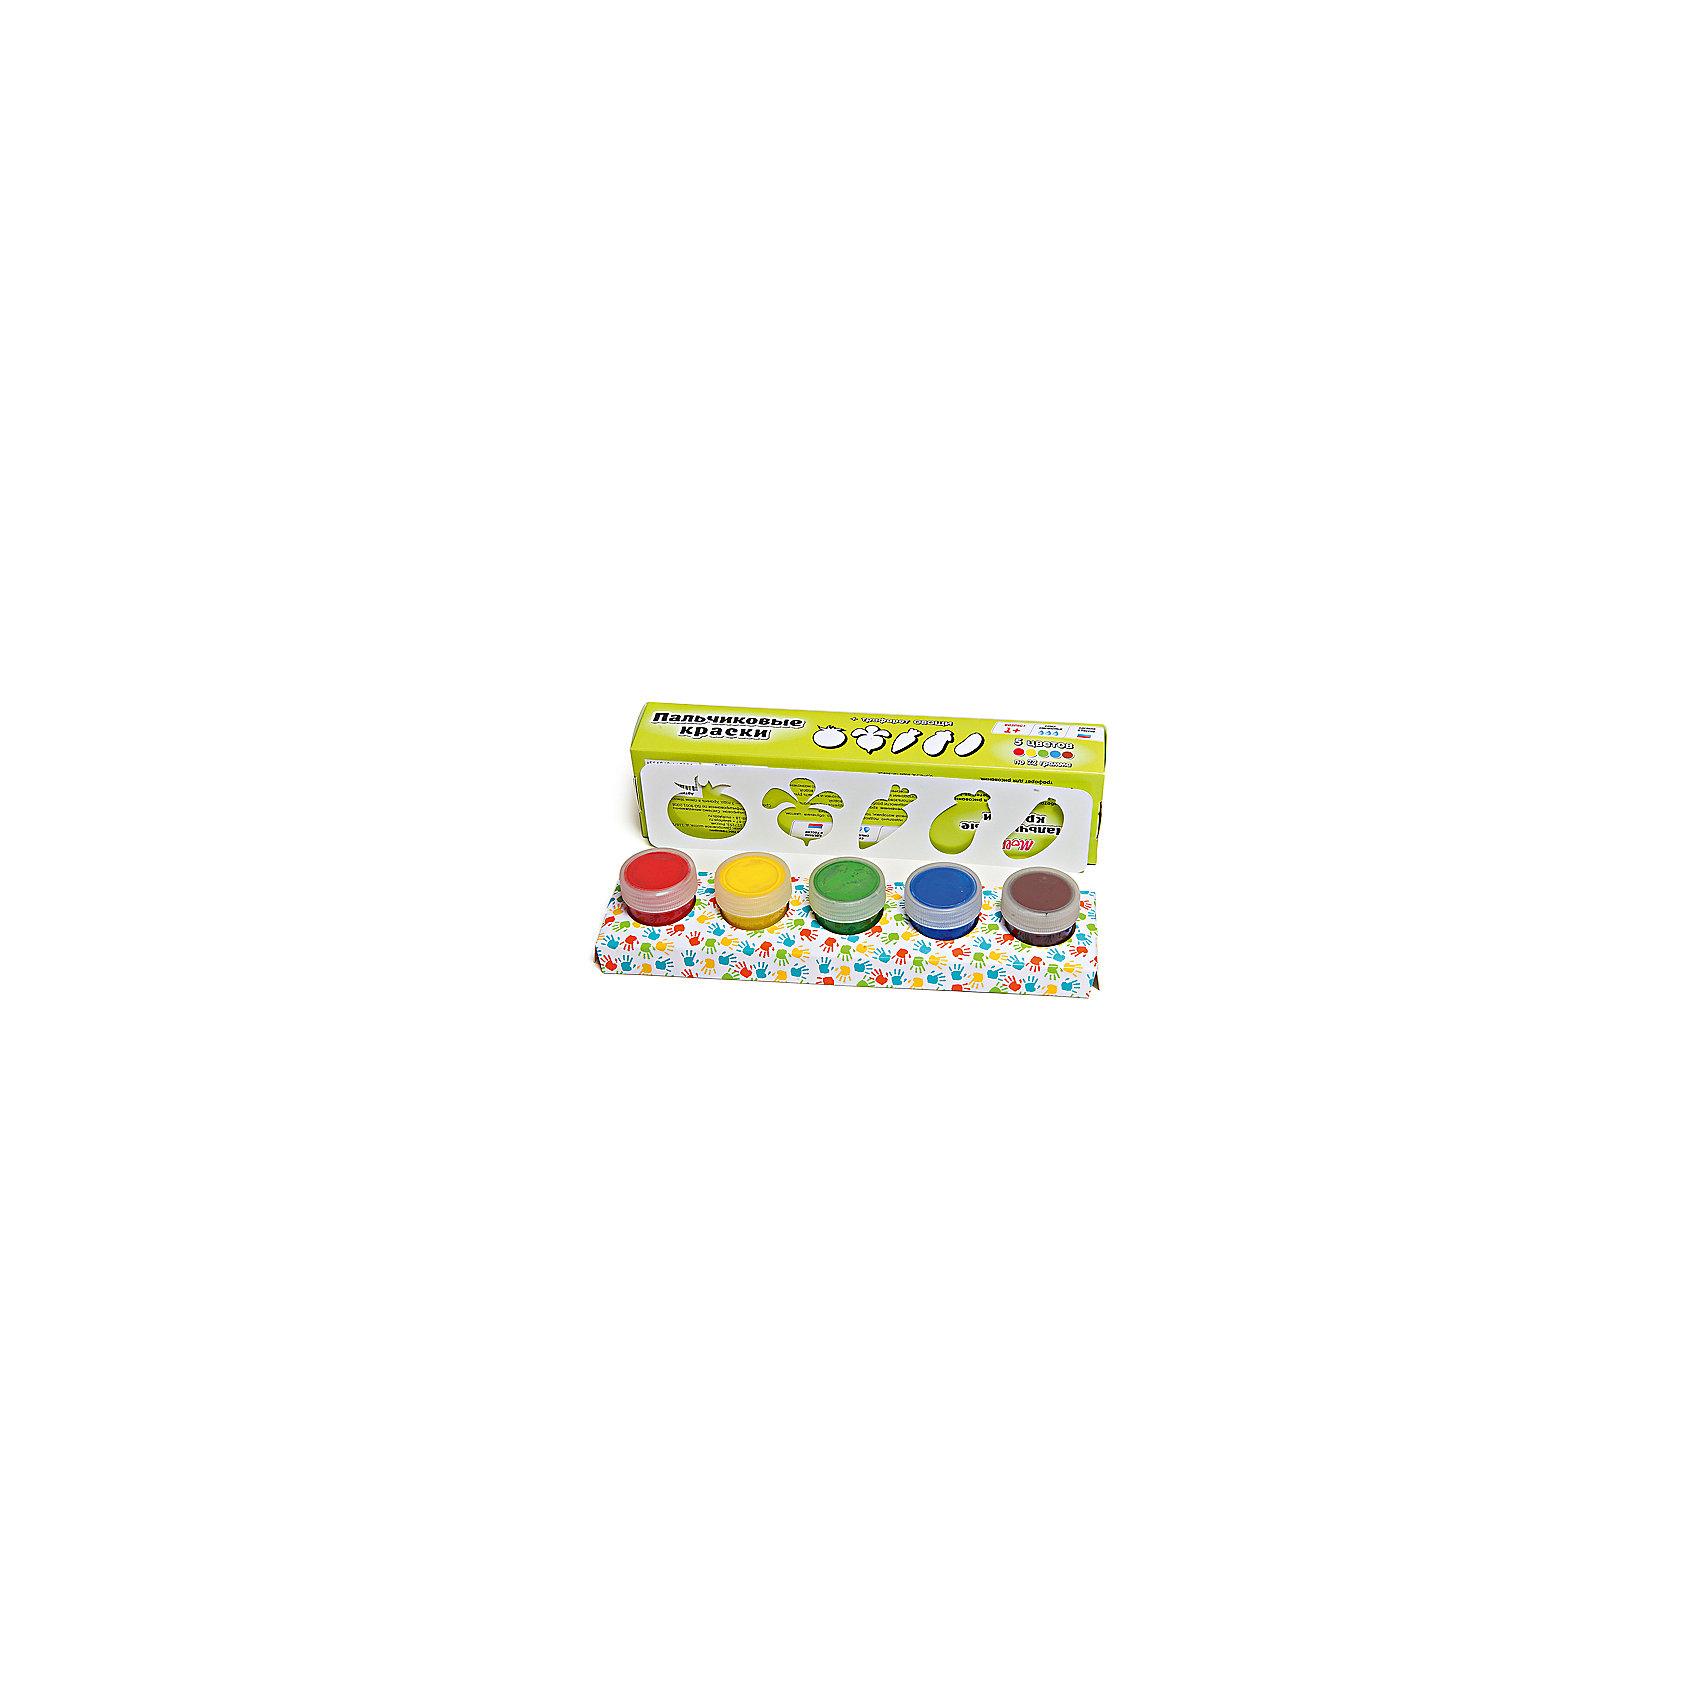 Пальчиковые краски + трафарет Овощи 5цв х 22млРисование<br>Краски идеально подходят для раннего обучения цветам, развития тонкой моторики, тактильного восприятия. В состав включены тематический трафарет для рисования. Состав: пищевой краситель, целлюлозный загуститель, глицерин, мел, консервант косметический, вода питьевая.<br><br>Ширина мм: 24<br>Глубина мм: 6<br>Высота мм: 4<br>Вес г: 110<br>Возраст от месяцев: 12<br>Возраст до месяцев: 60<br>Пол: Унисекс<br>Возраст: Детский<br>SKU: 5115207